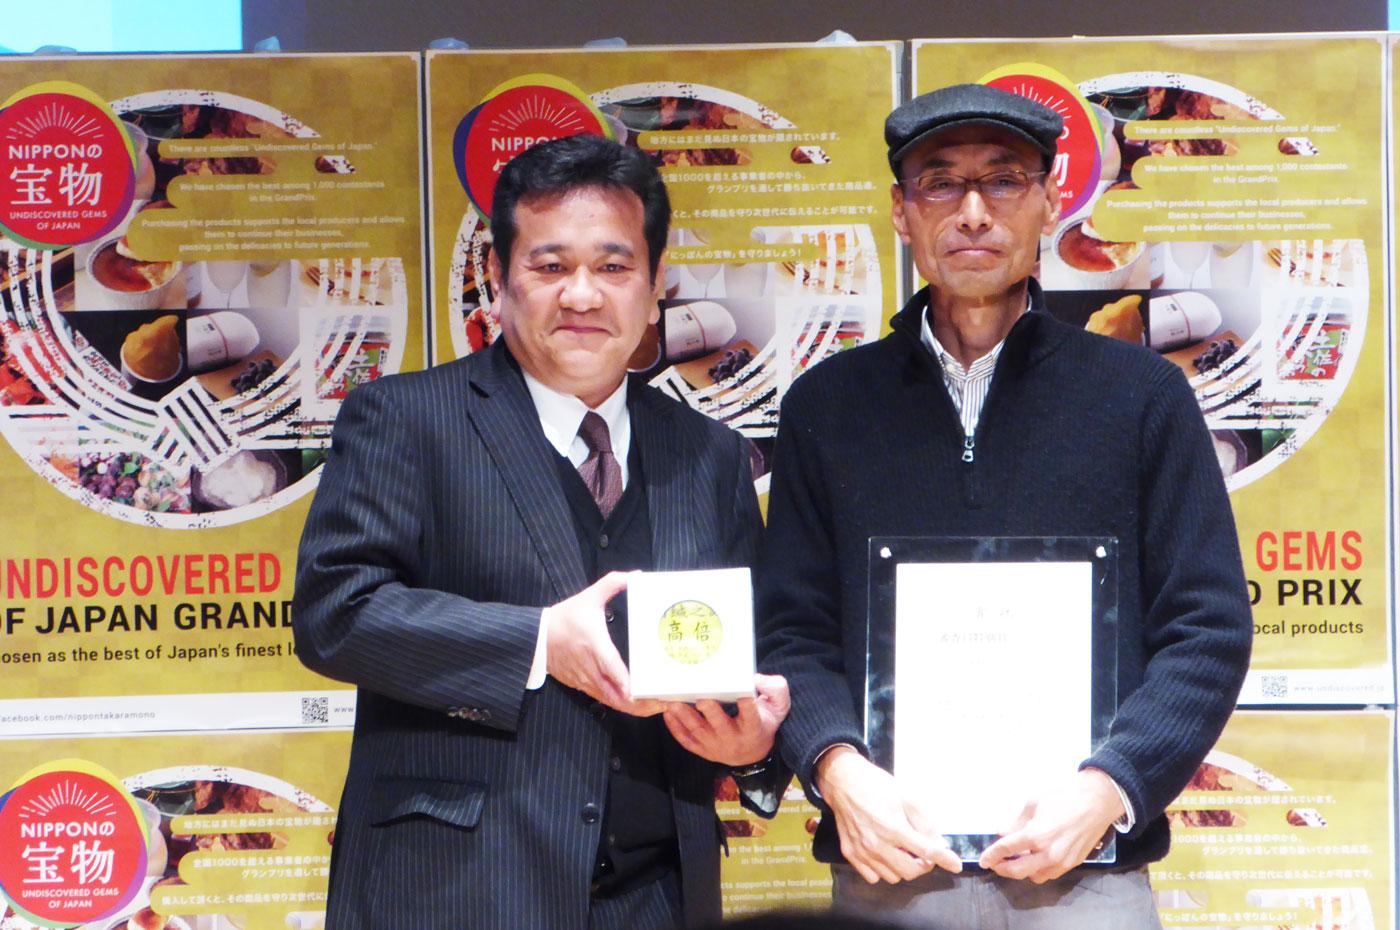 審査員特別賞(地魚燻製・チョイ燻)の表彰式